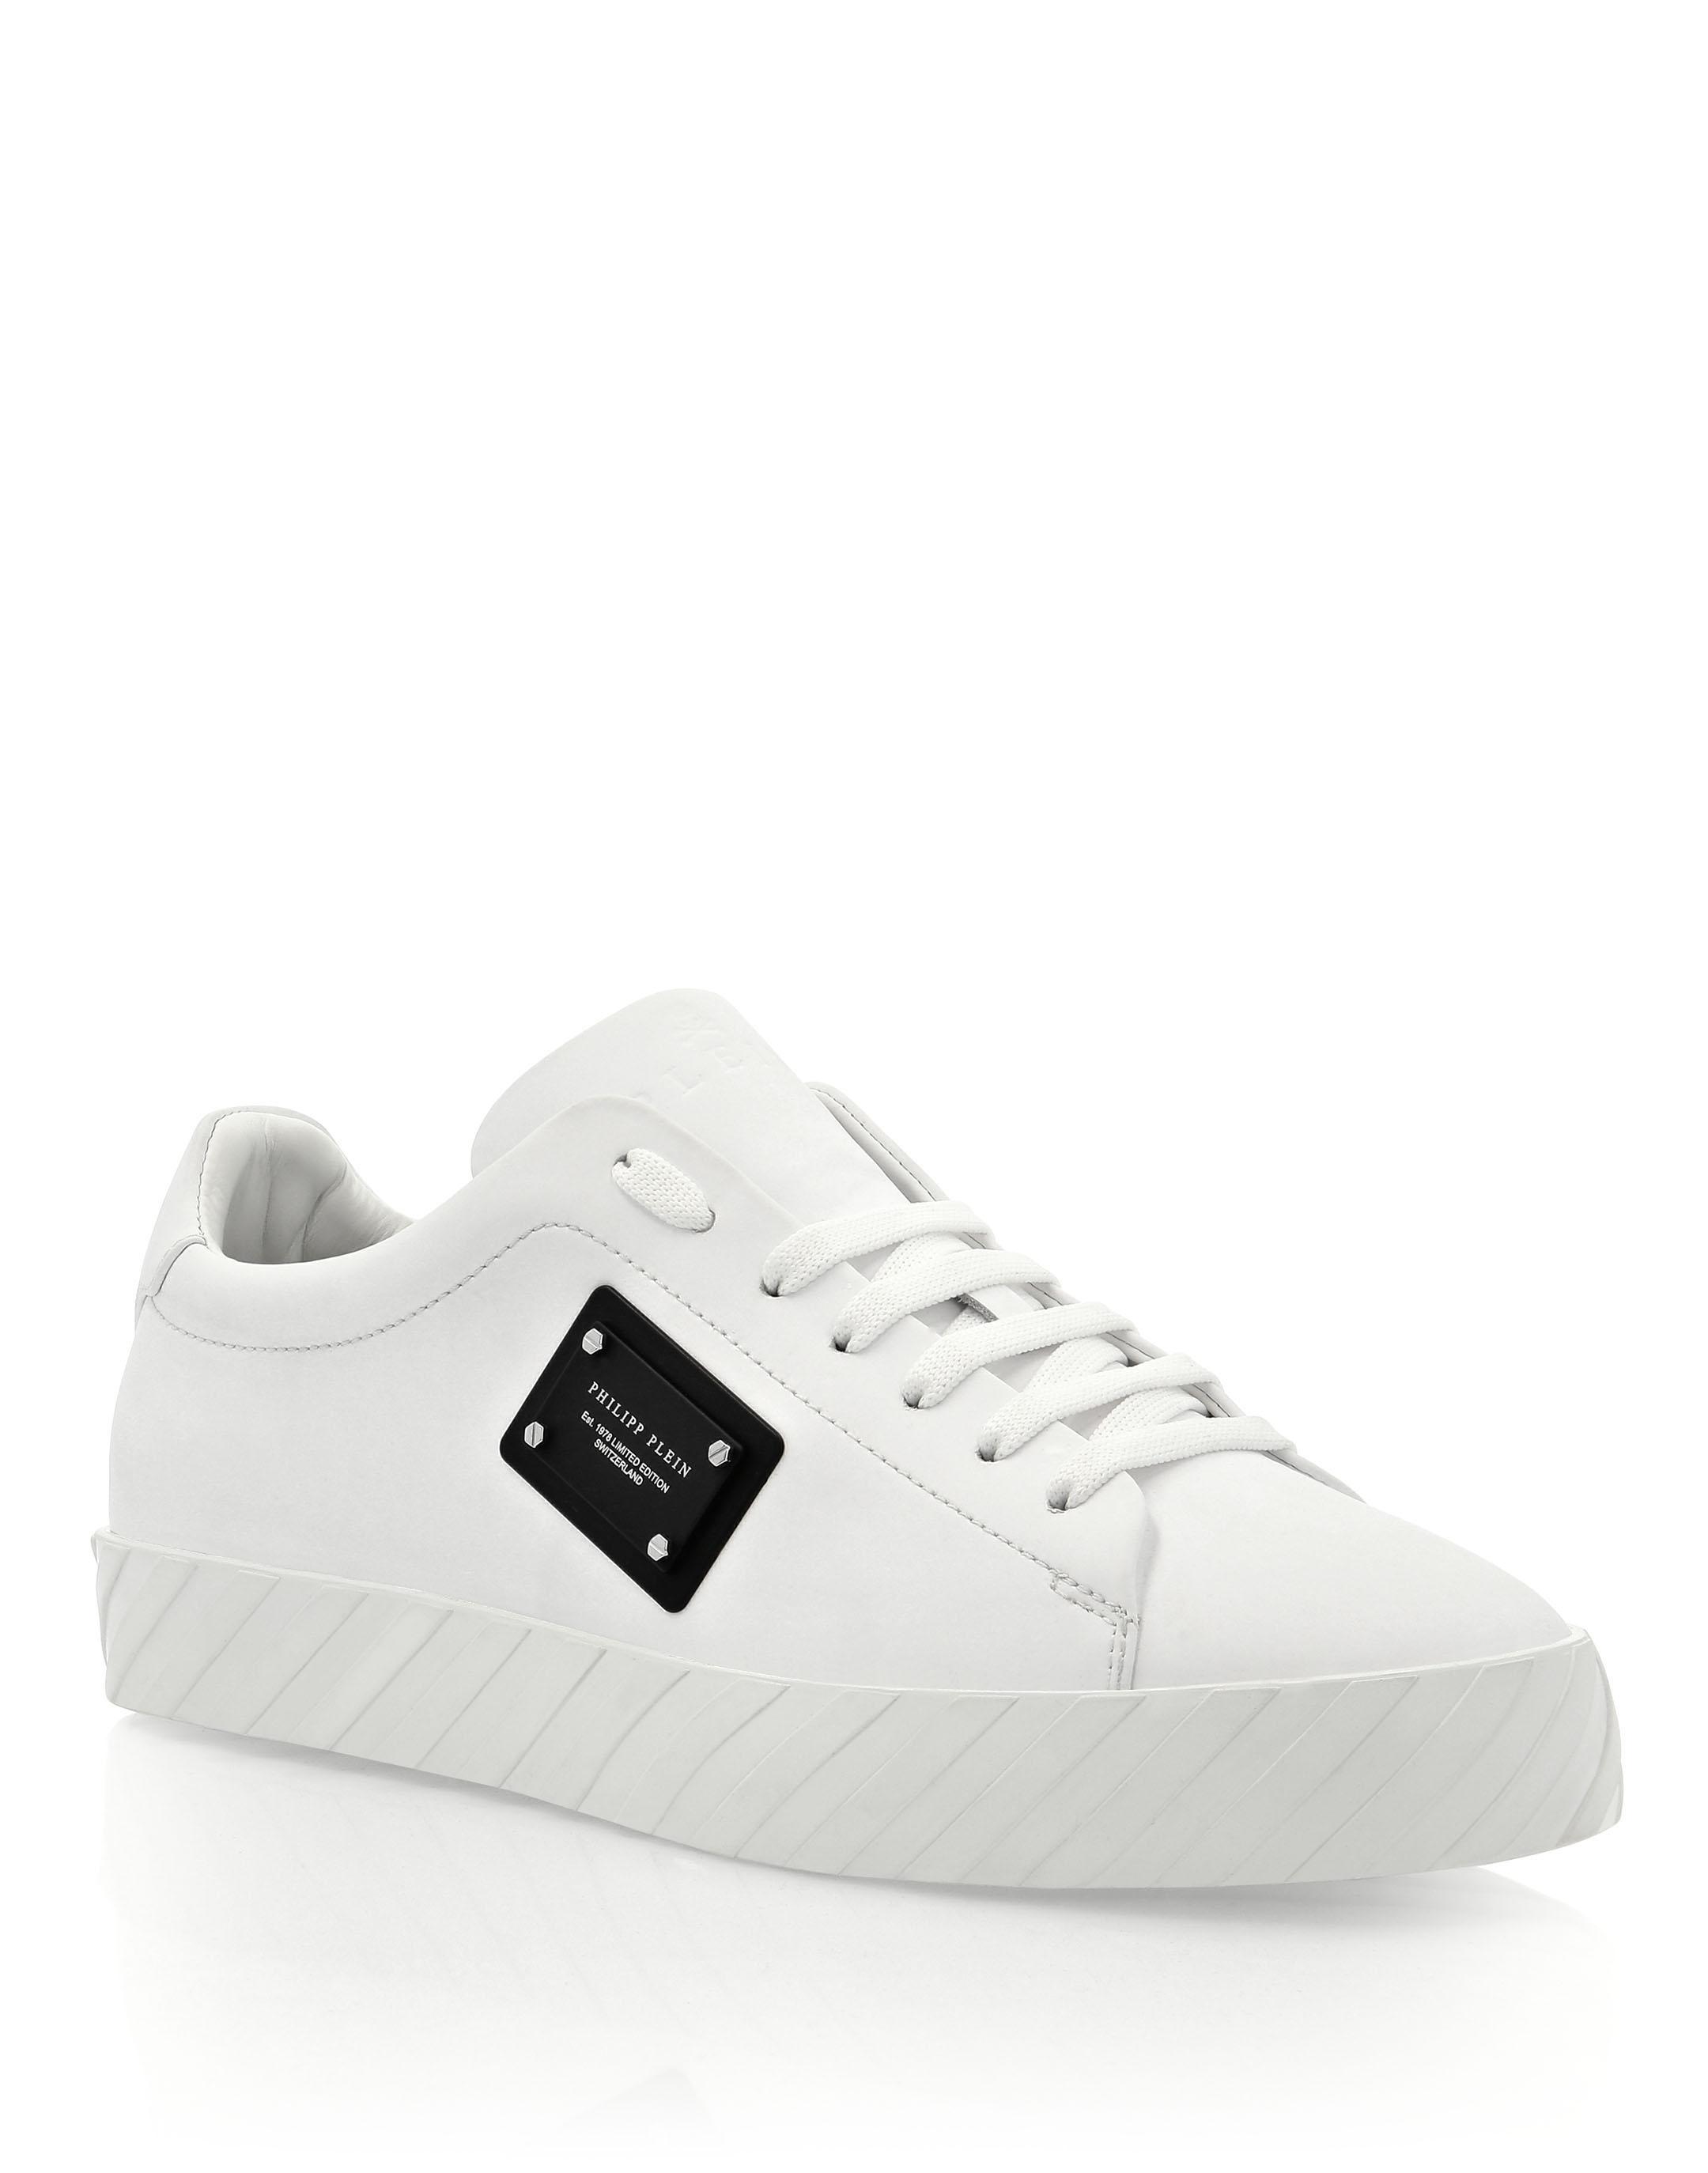 Lo-Top Sneakers | Philipp Plein